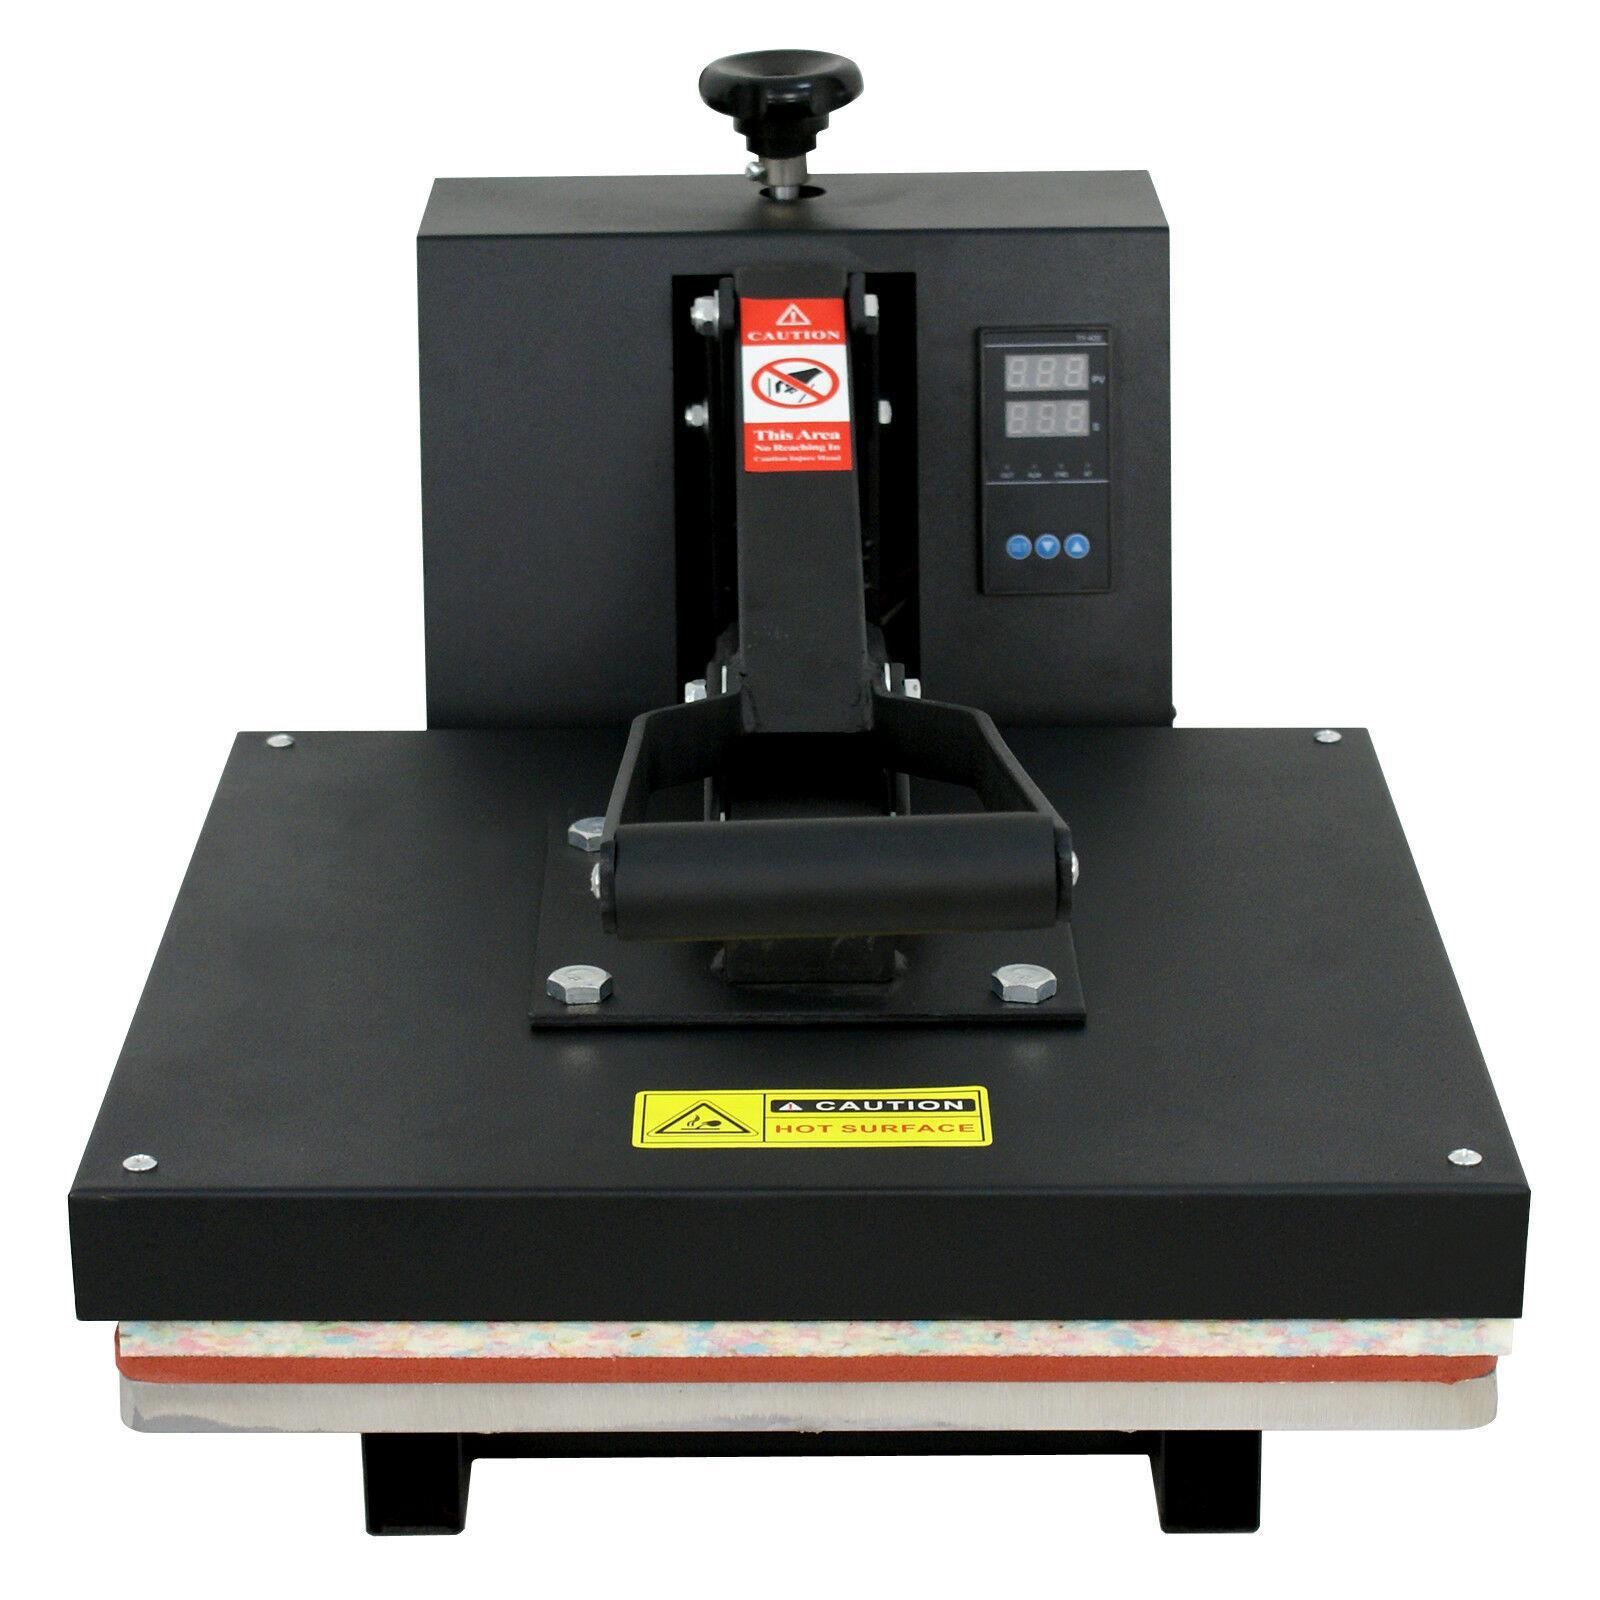 15X15 بوصة قابلة للثني الحرارة الصحافة آلة تي شيرت نقل الرقمية التسامي